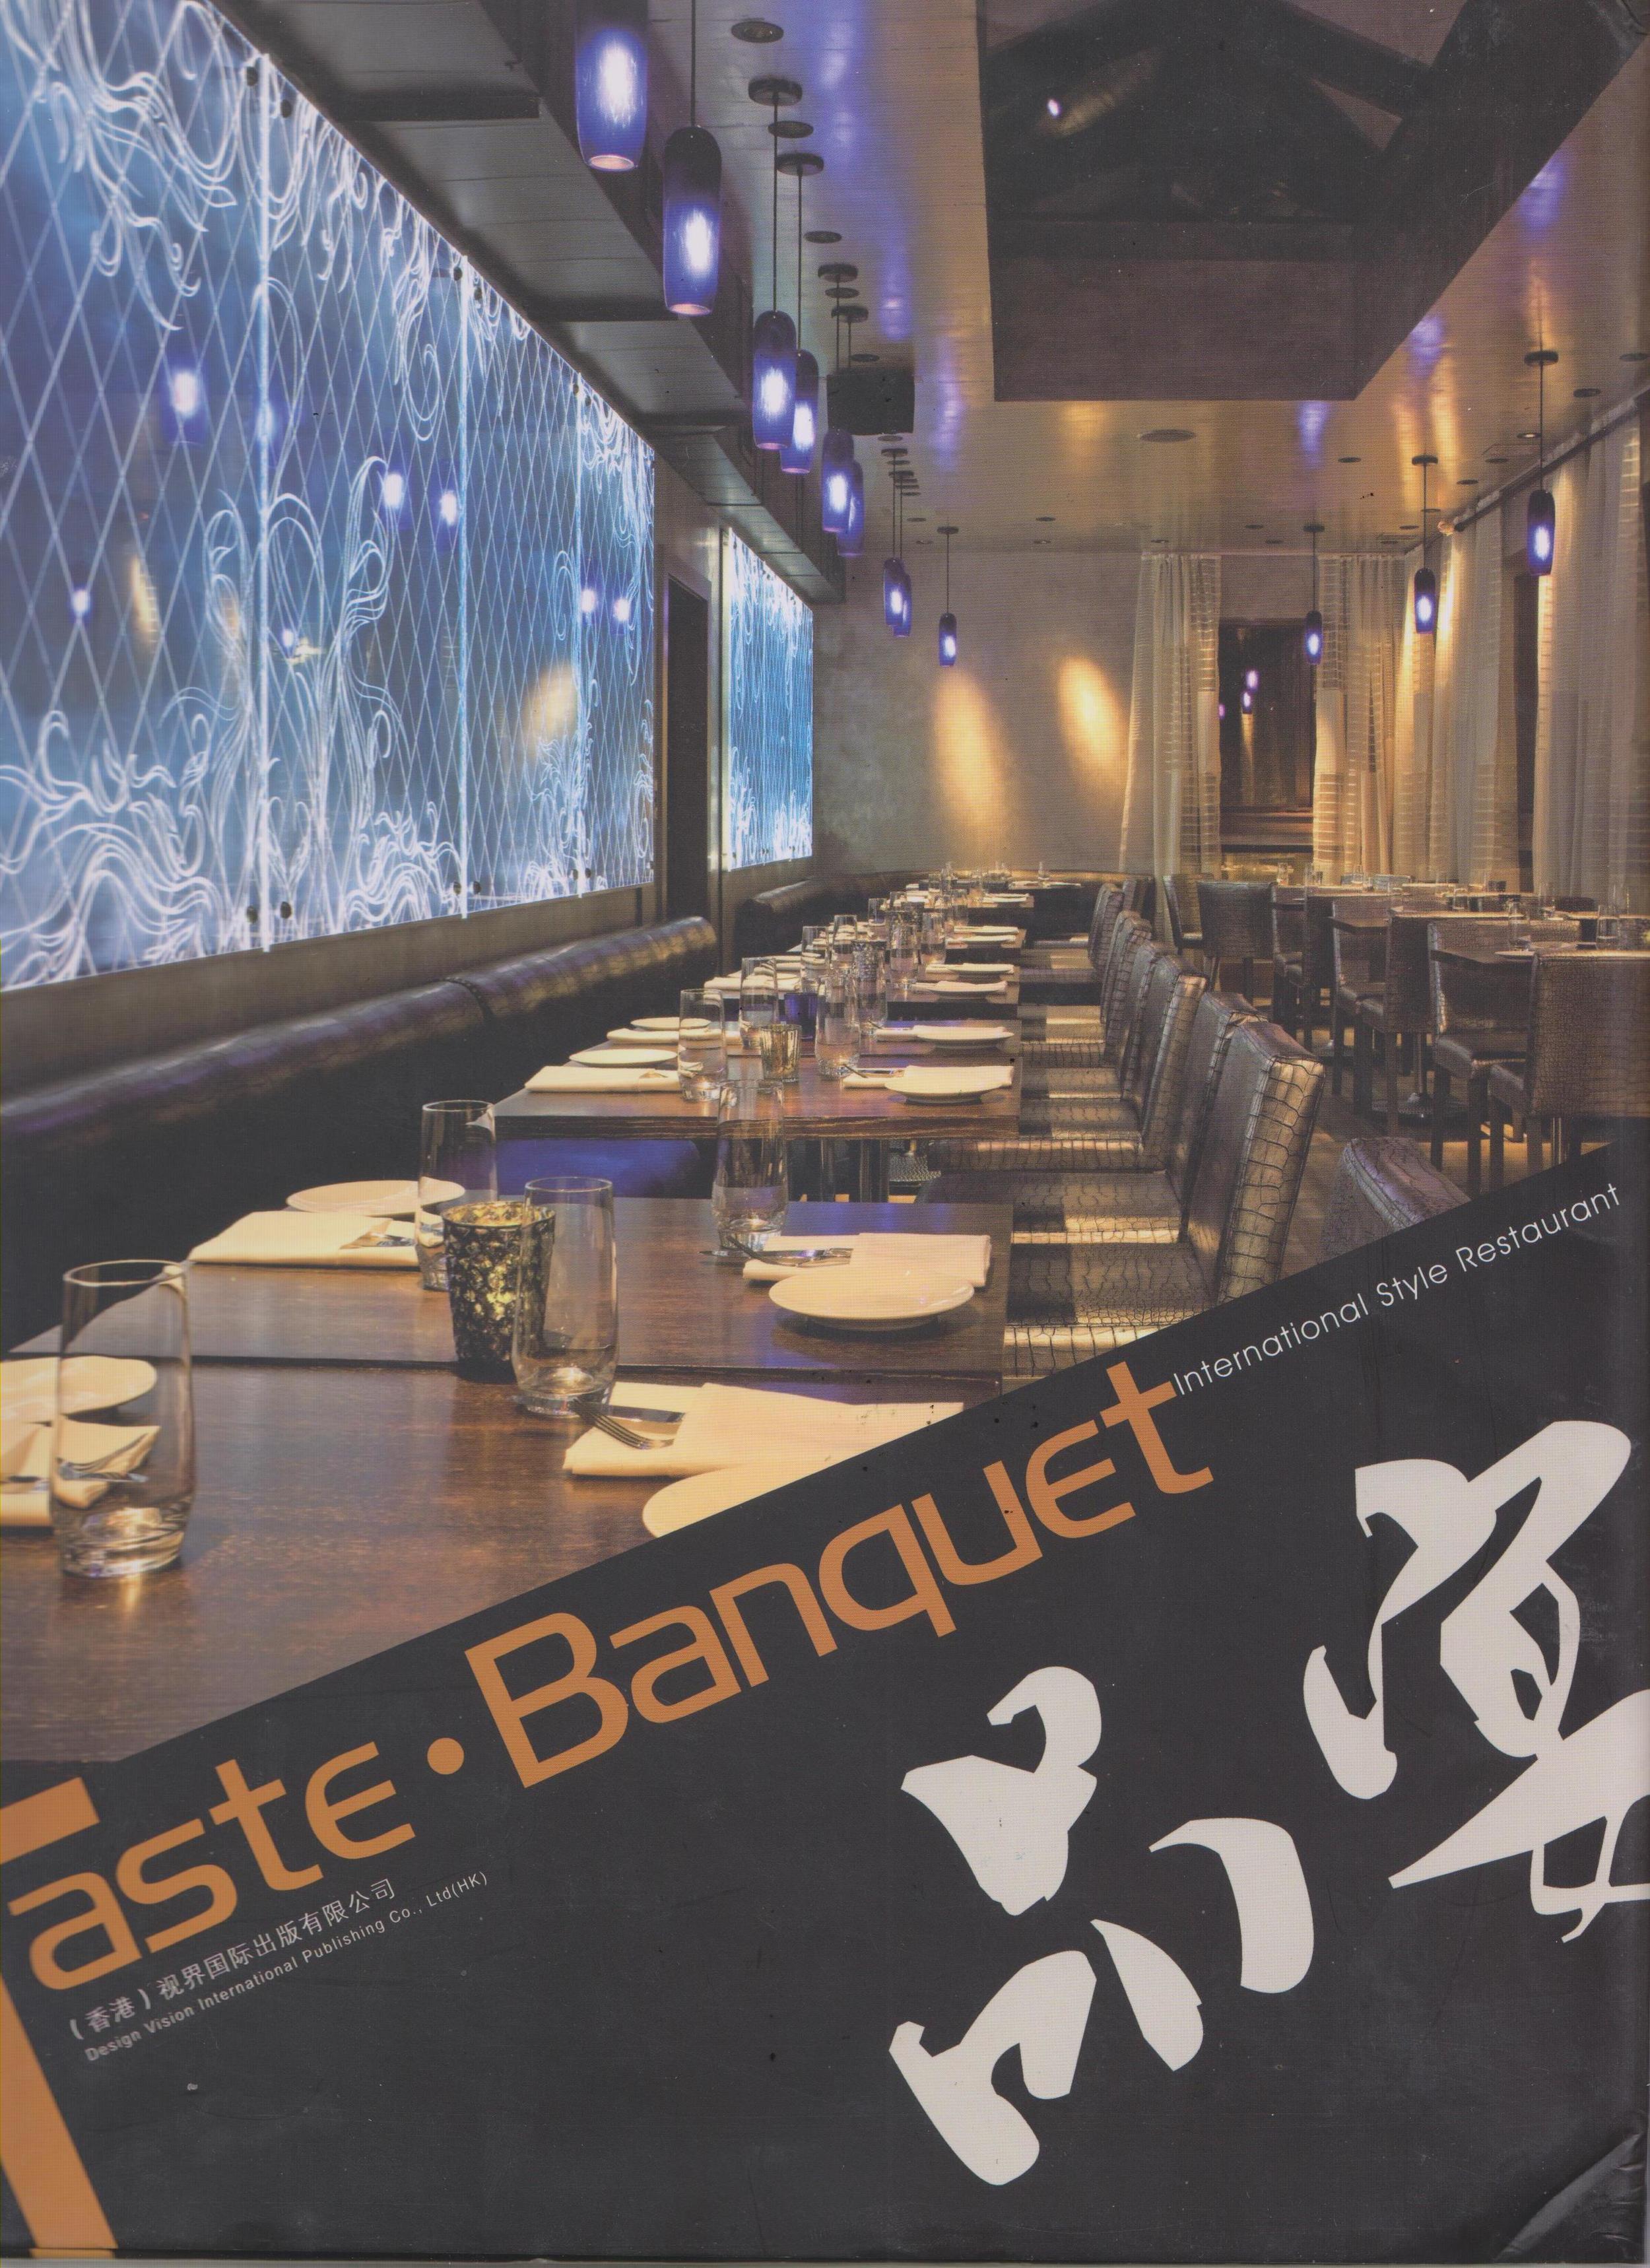 taste banquet.jpeg